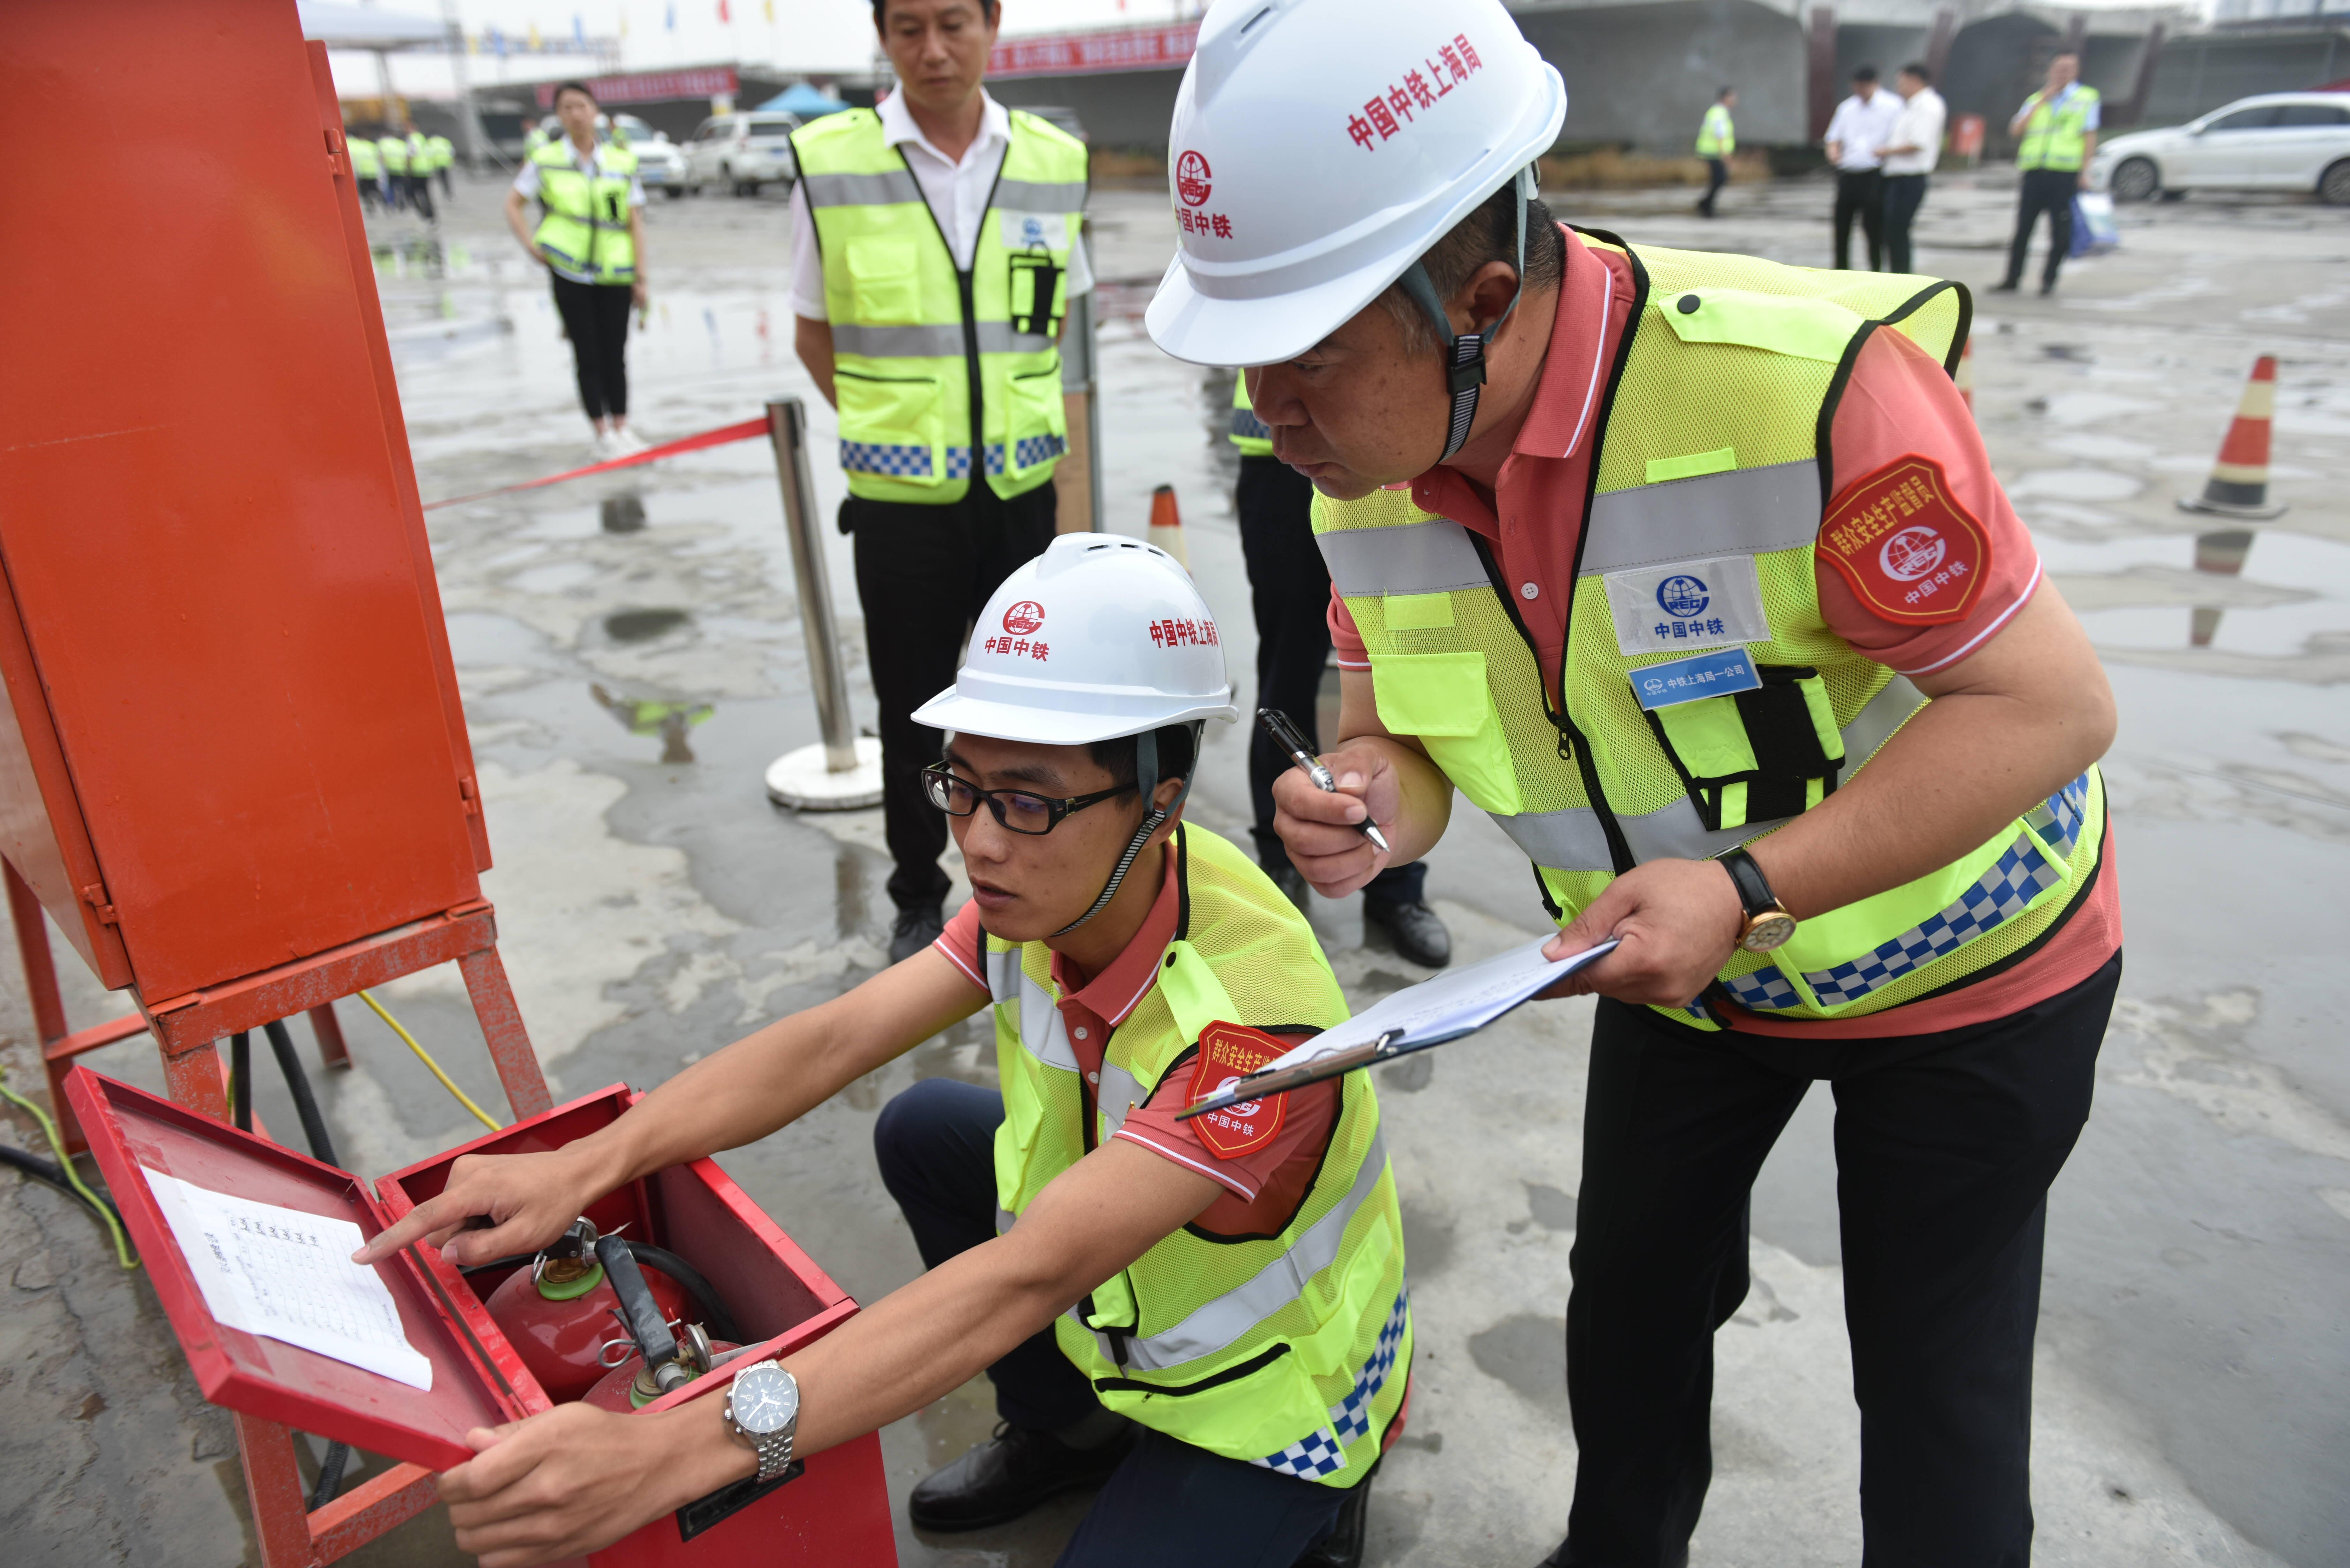 郑州到济南用时将缩短至1.5小时,郑济铁路(山东段)2023年建成通车!